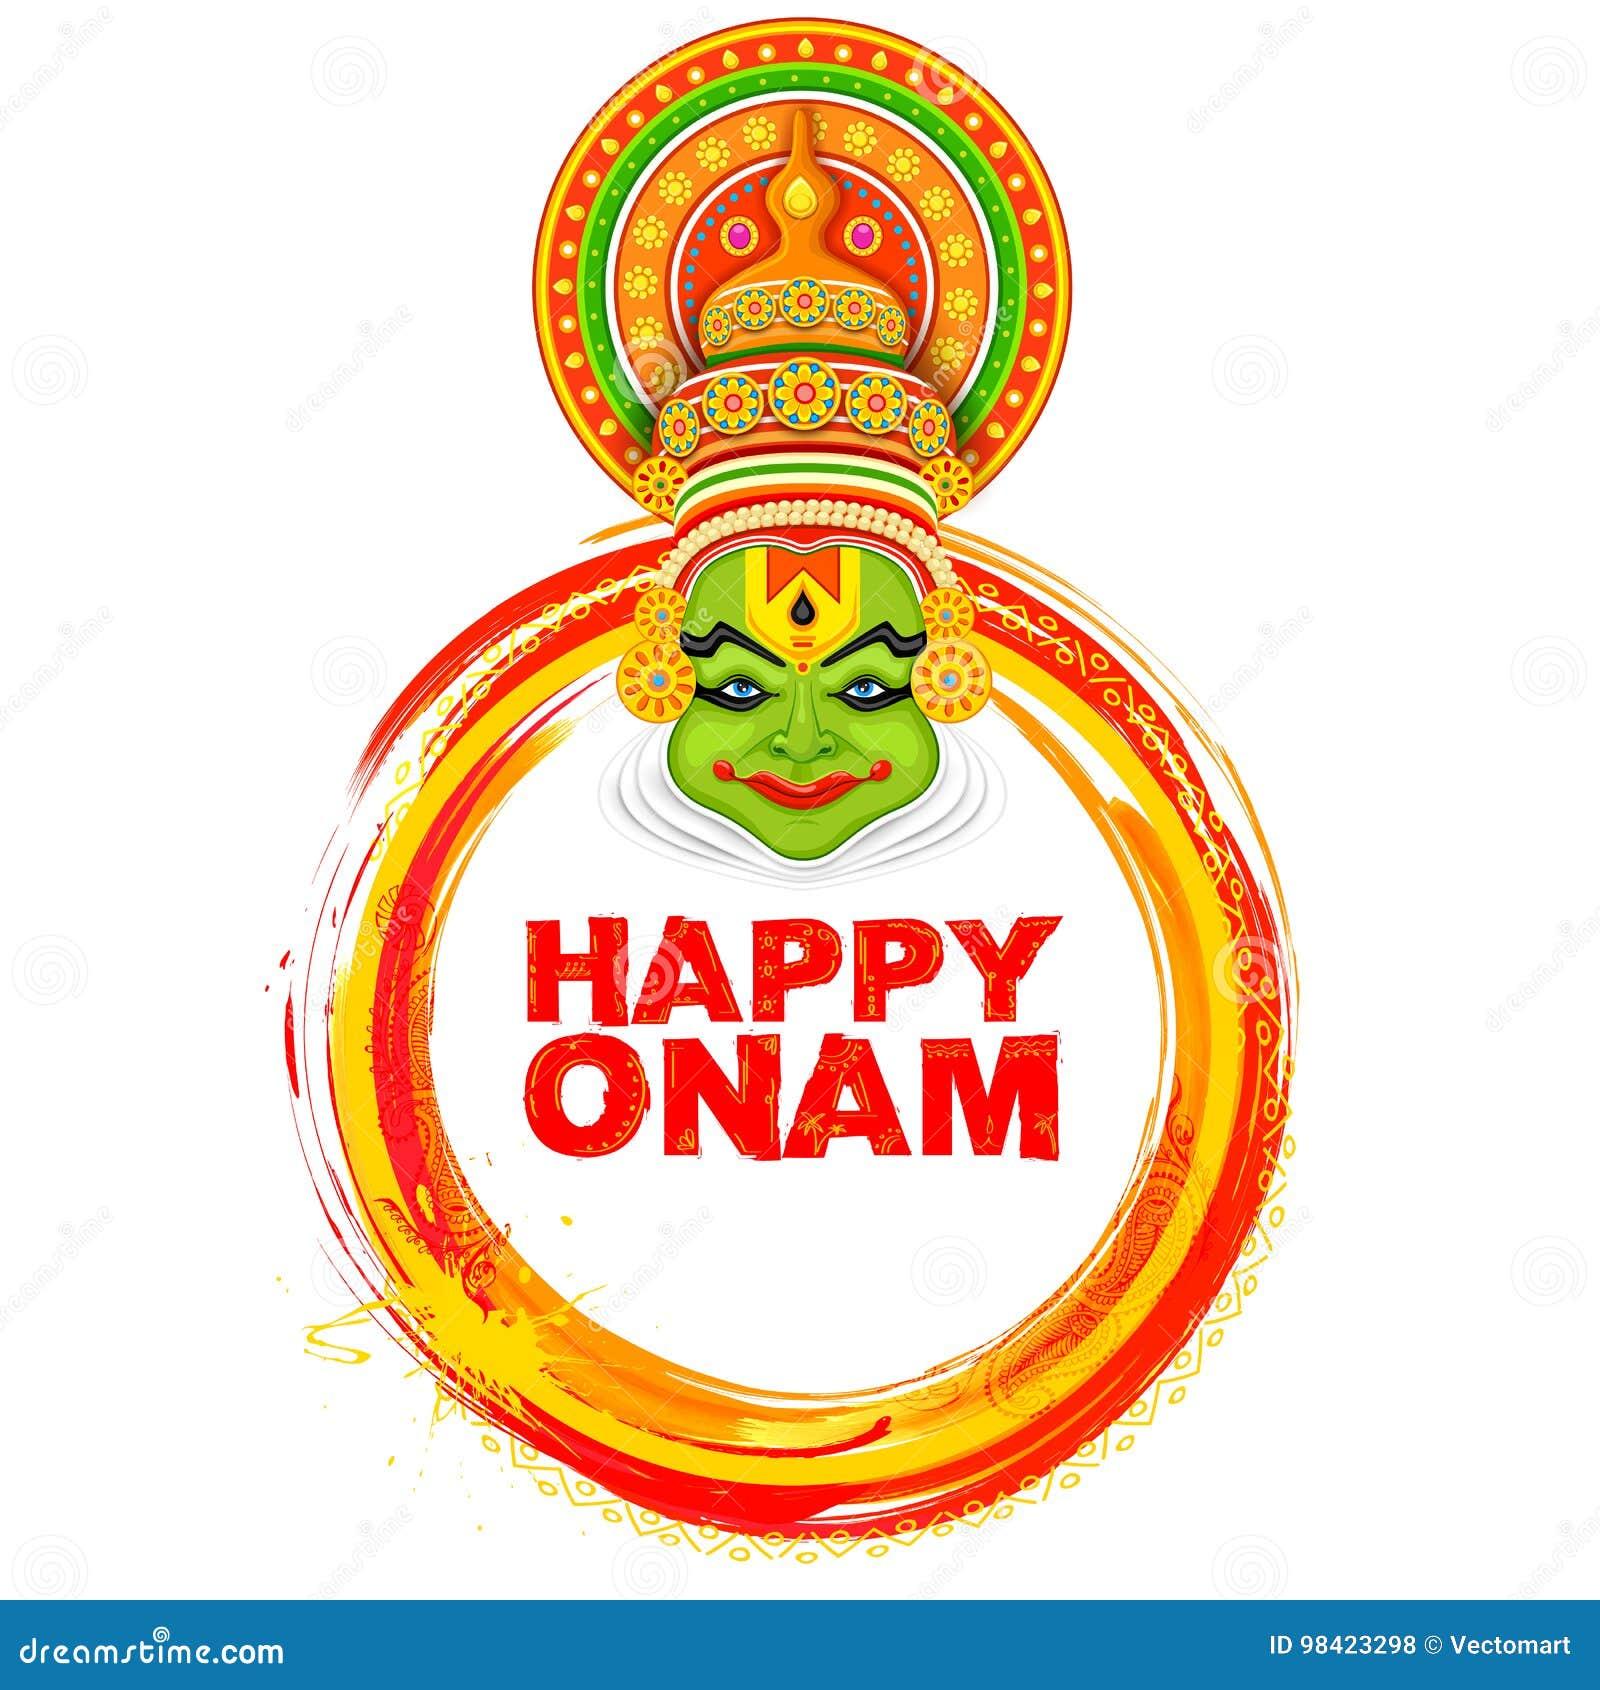 Kathakali Dancer On Background For Happy Onam Festival Of